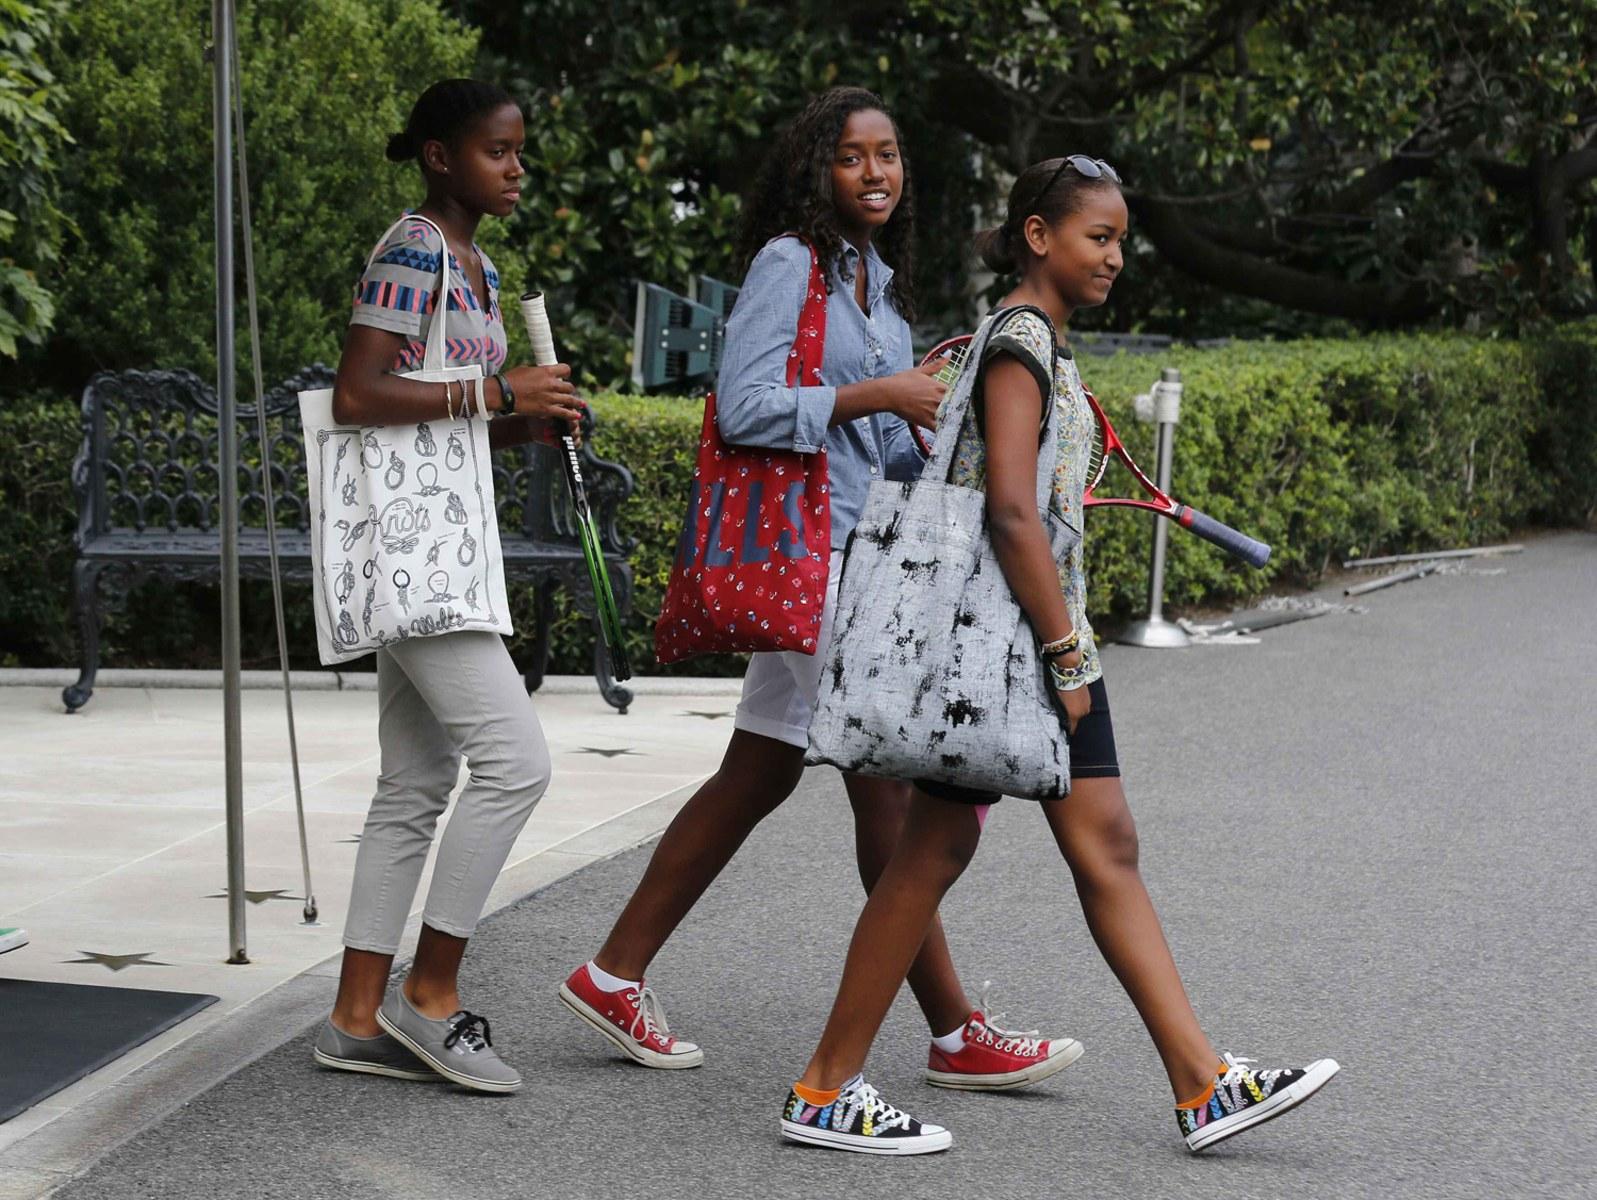 Sasha and Malia Obama's Best Fashion Looks - Style 38